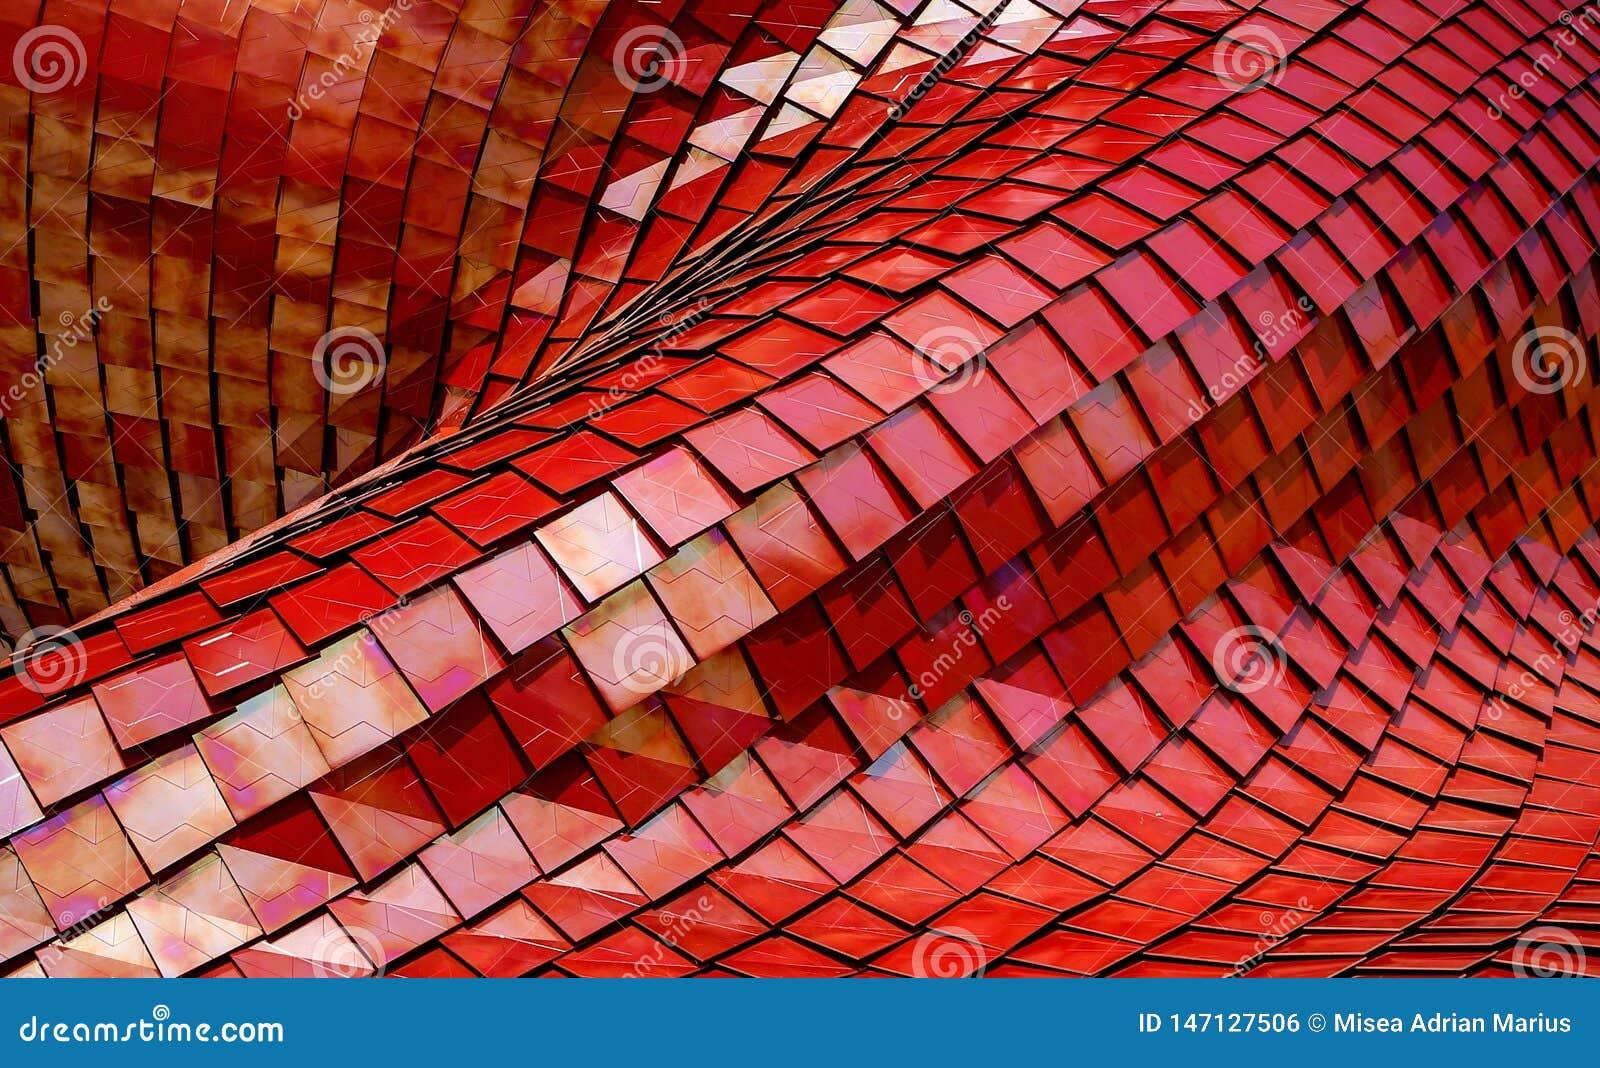 Edificio moderno de la arquitectura integrado por las tejas rojas del metal